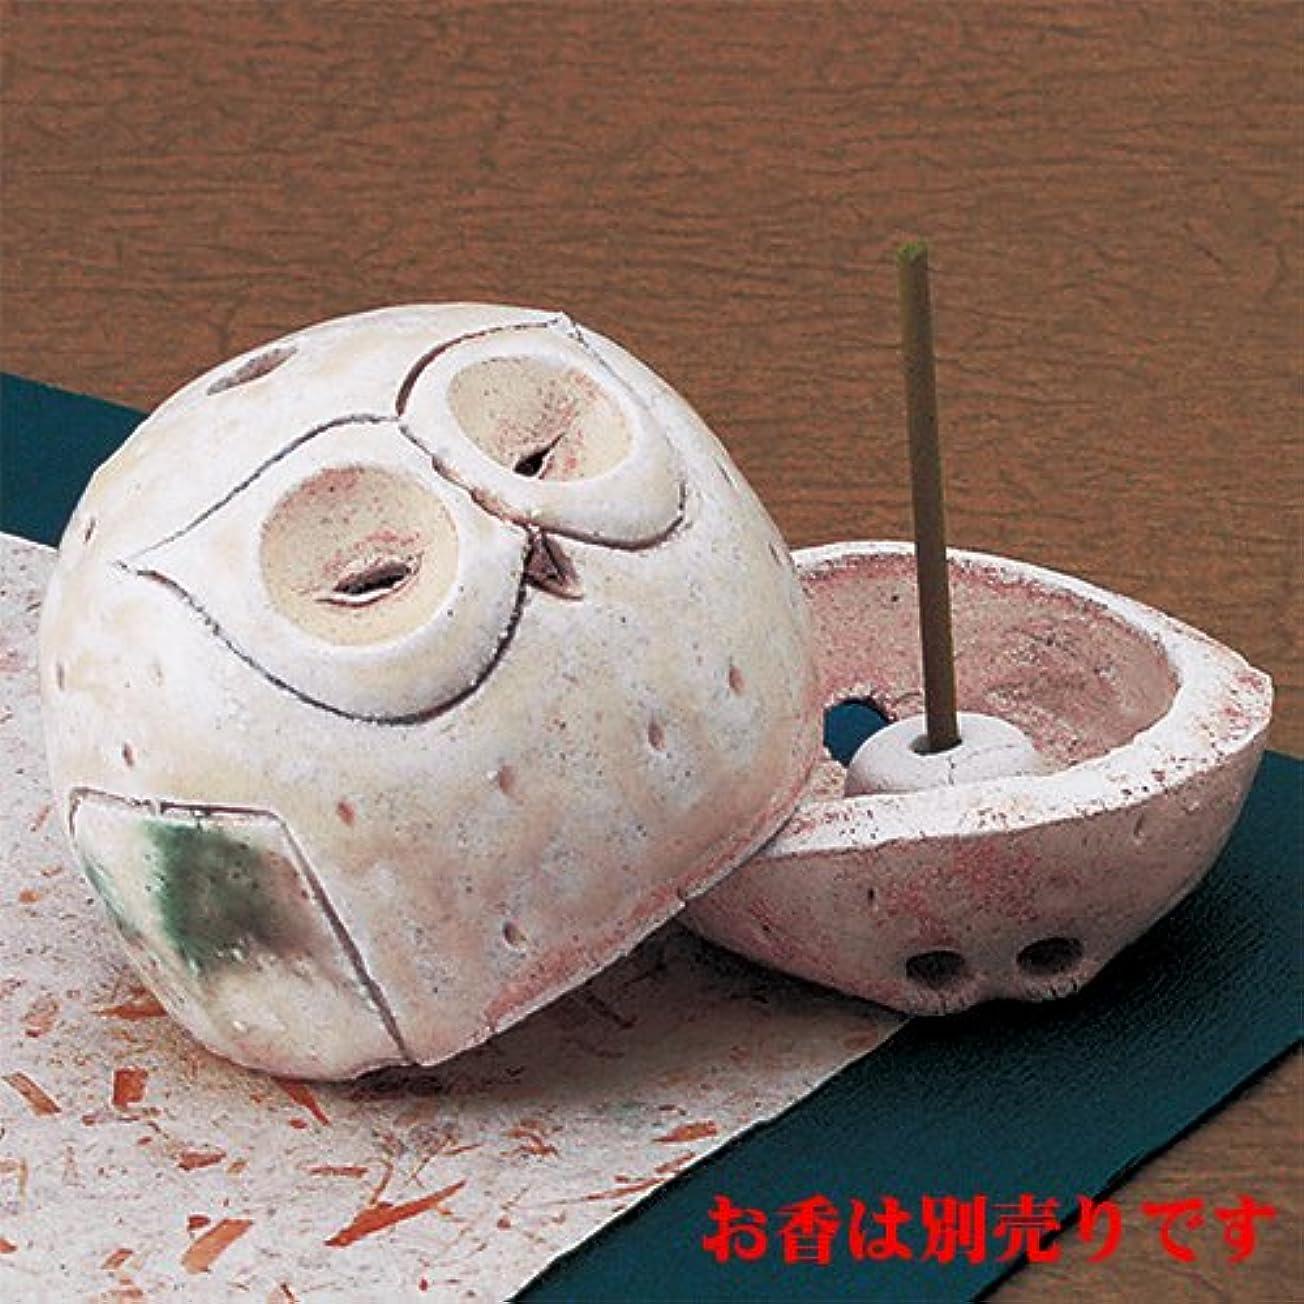 下手中止しますプレミアム香炉 白フクロウ 香炉 [H6.5cm] HANDMADE プレゼント ギフト 和食器 かわいい インテリア